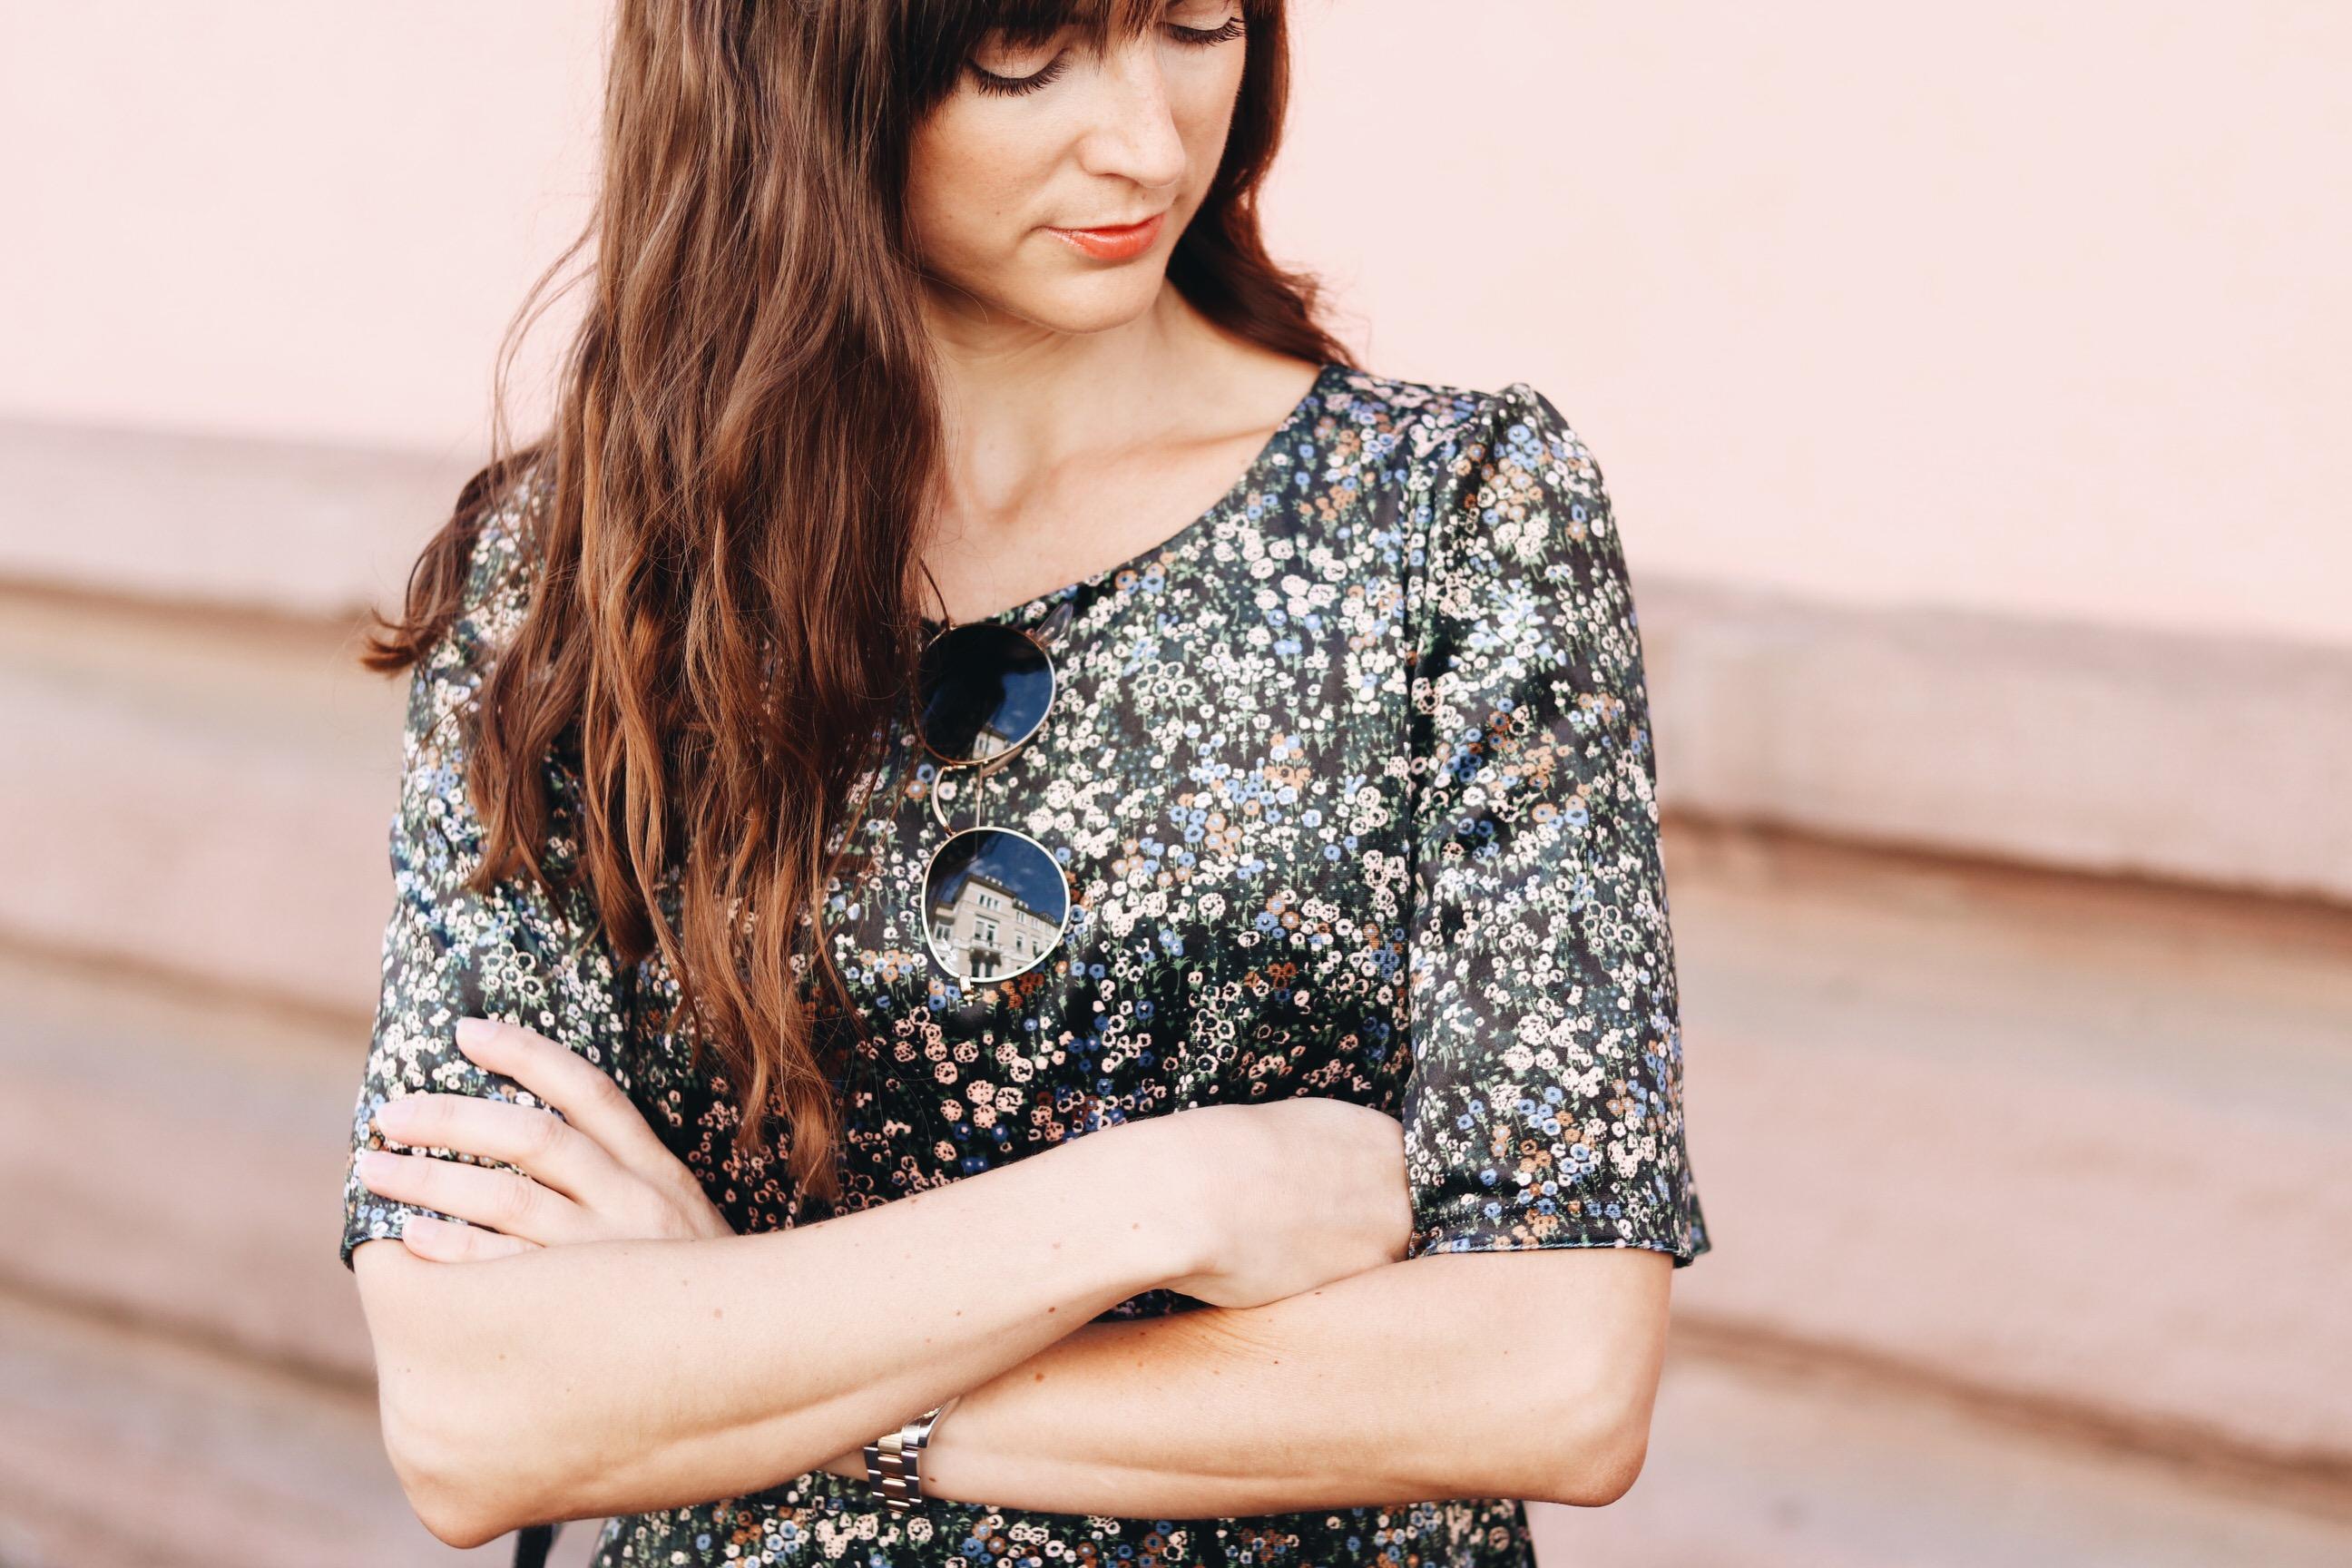 Modeblog Fashionblog aus Deutschland Modebloggerin deutsch Outfit Streetstyle Bloggerin